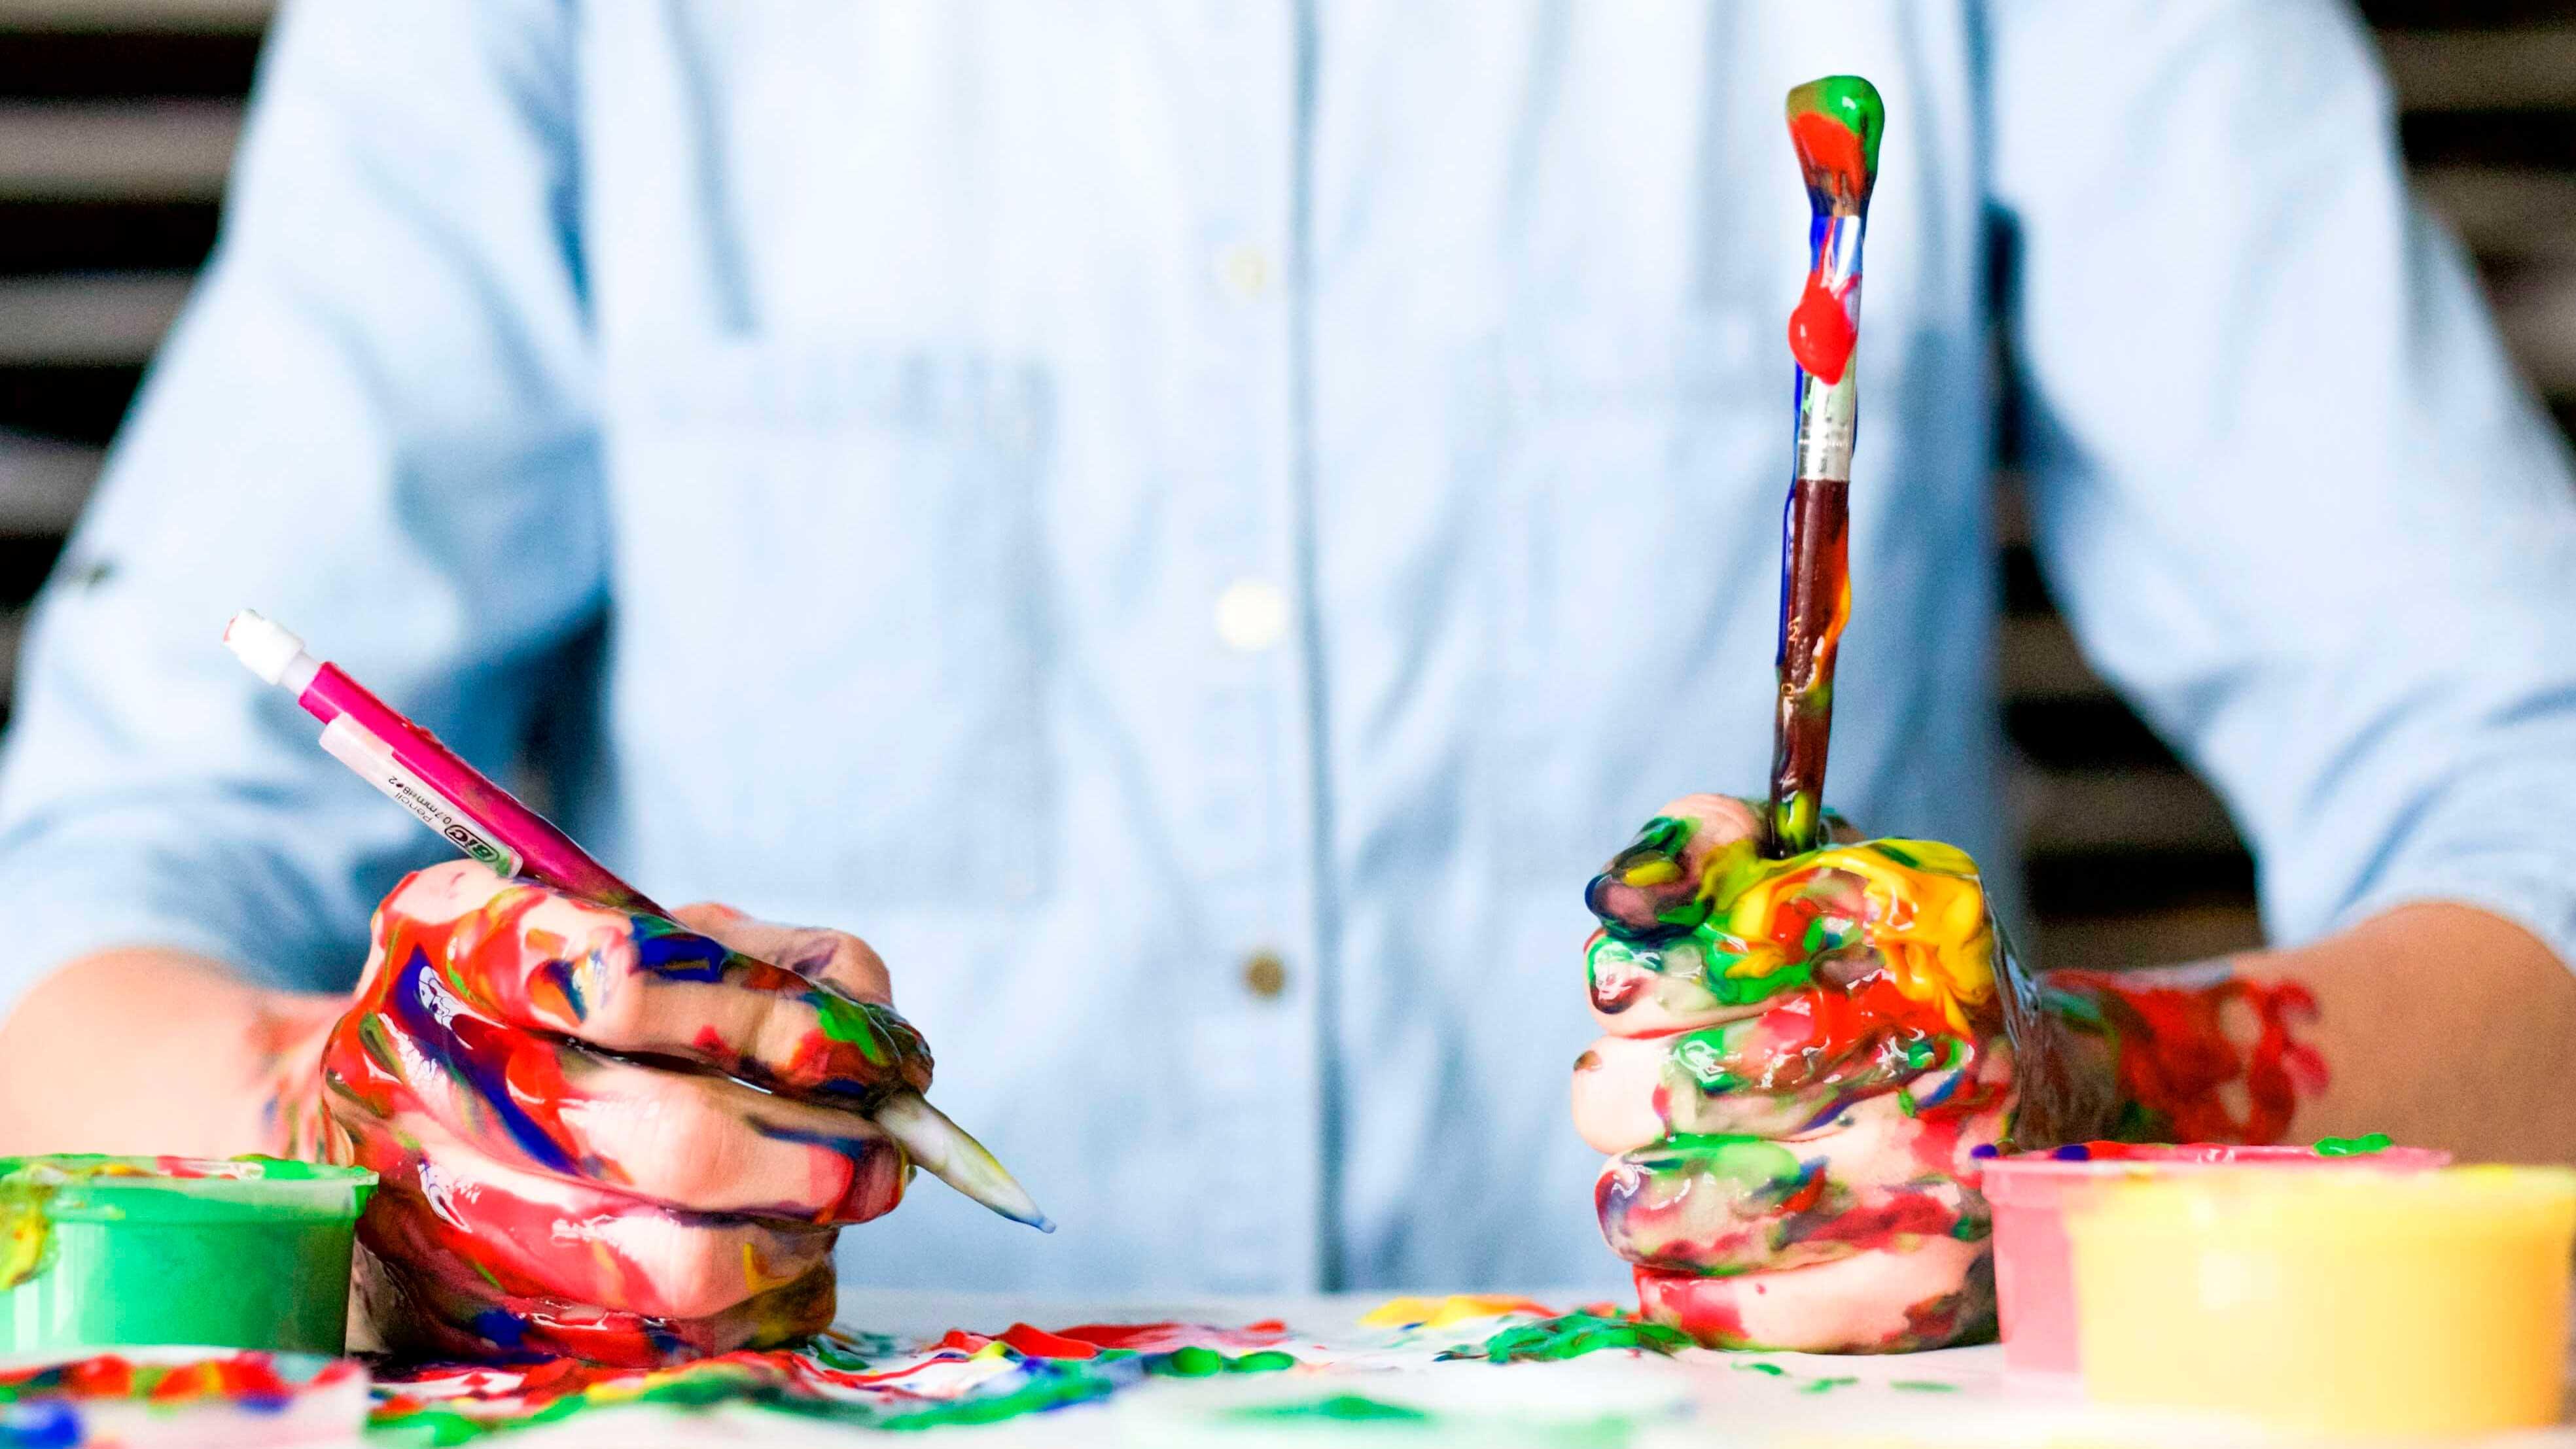 Por que a criatividade e a inovação precisam andar juntas? - Homem pintando